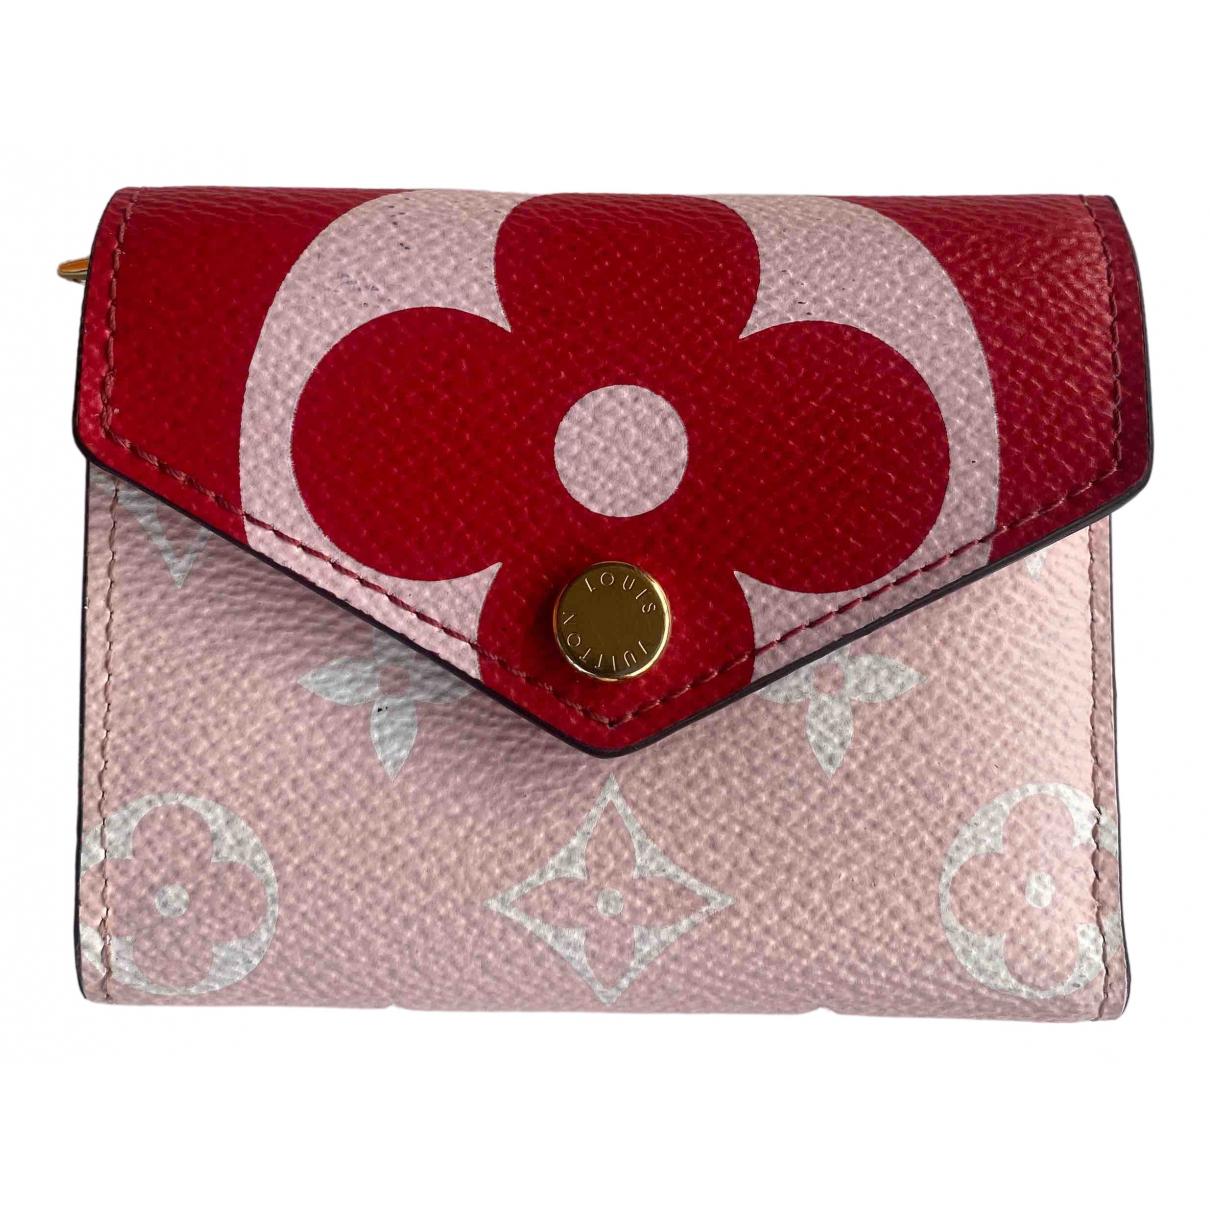 Louis Vuitton - Portefeuille Zoe pour femme en toile - rose